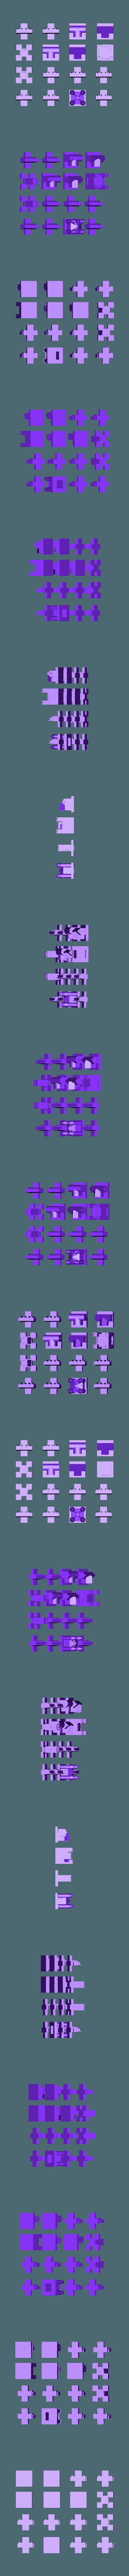 derivitive_castle_building_chess_set_sheet.stl Télécharger fichier STL gratuit Feuille solo pour le jeu d'échecs du château d'Emphes • Modèle pour impression 3D, Urukog